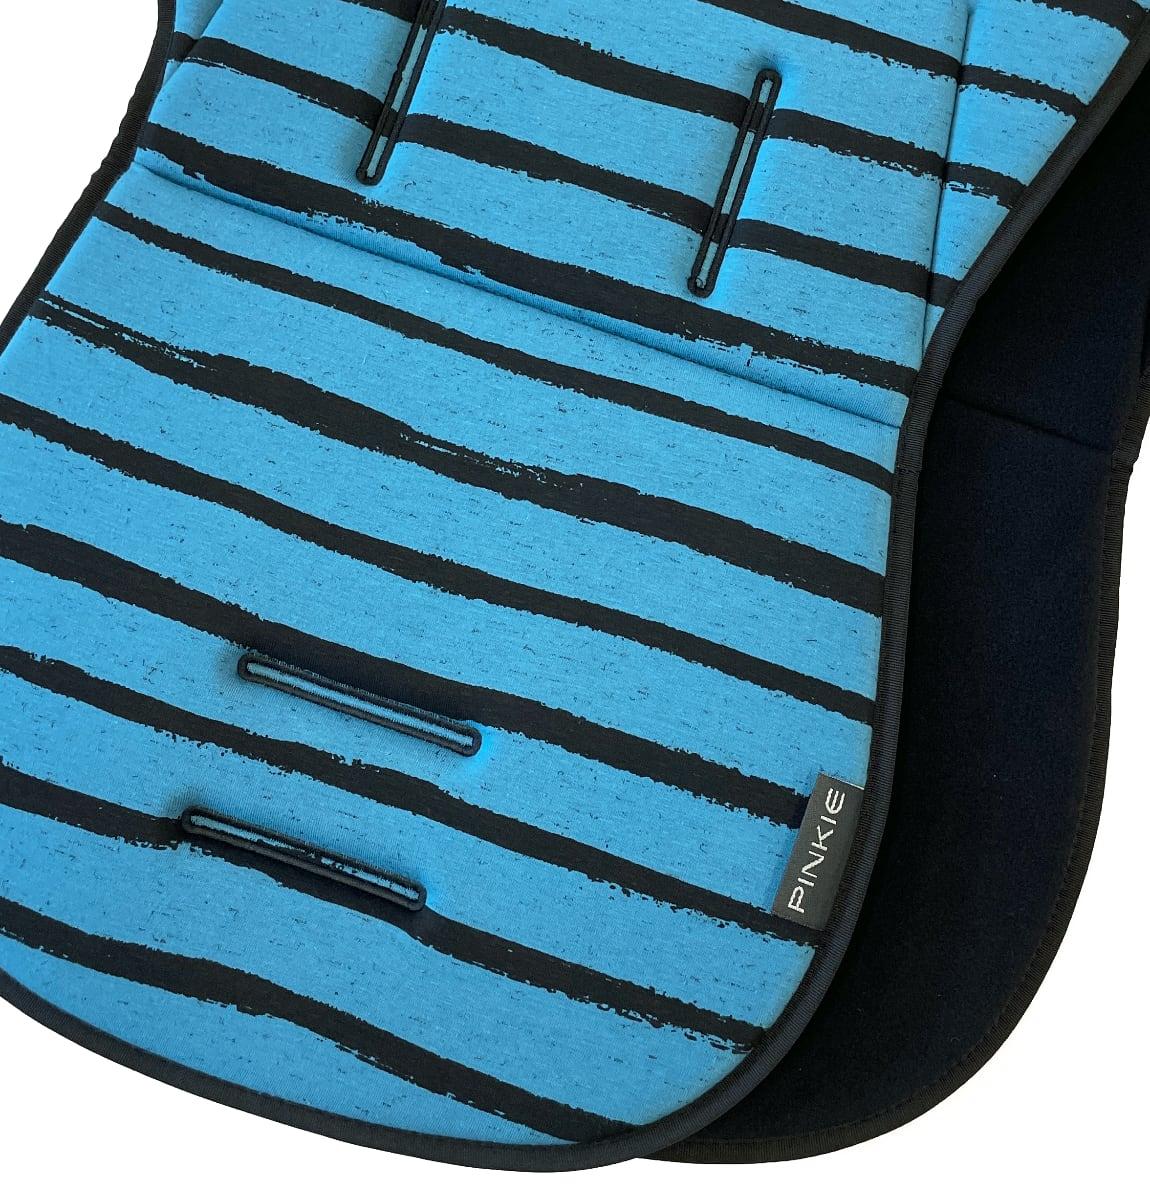 kliknutít zobrazíte maximální velikost obrázku Sitzeinlage Pinkie Stripe Blue